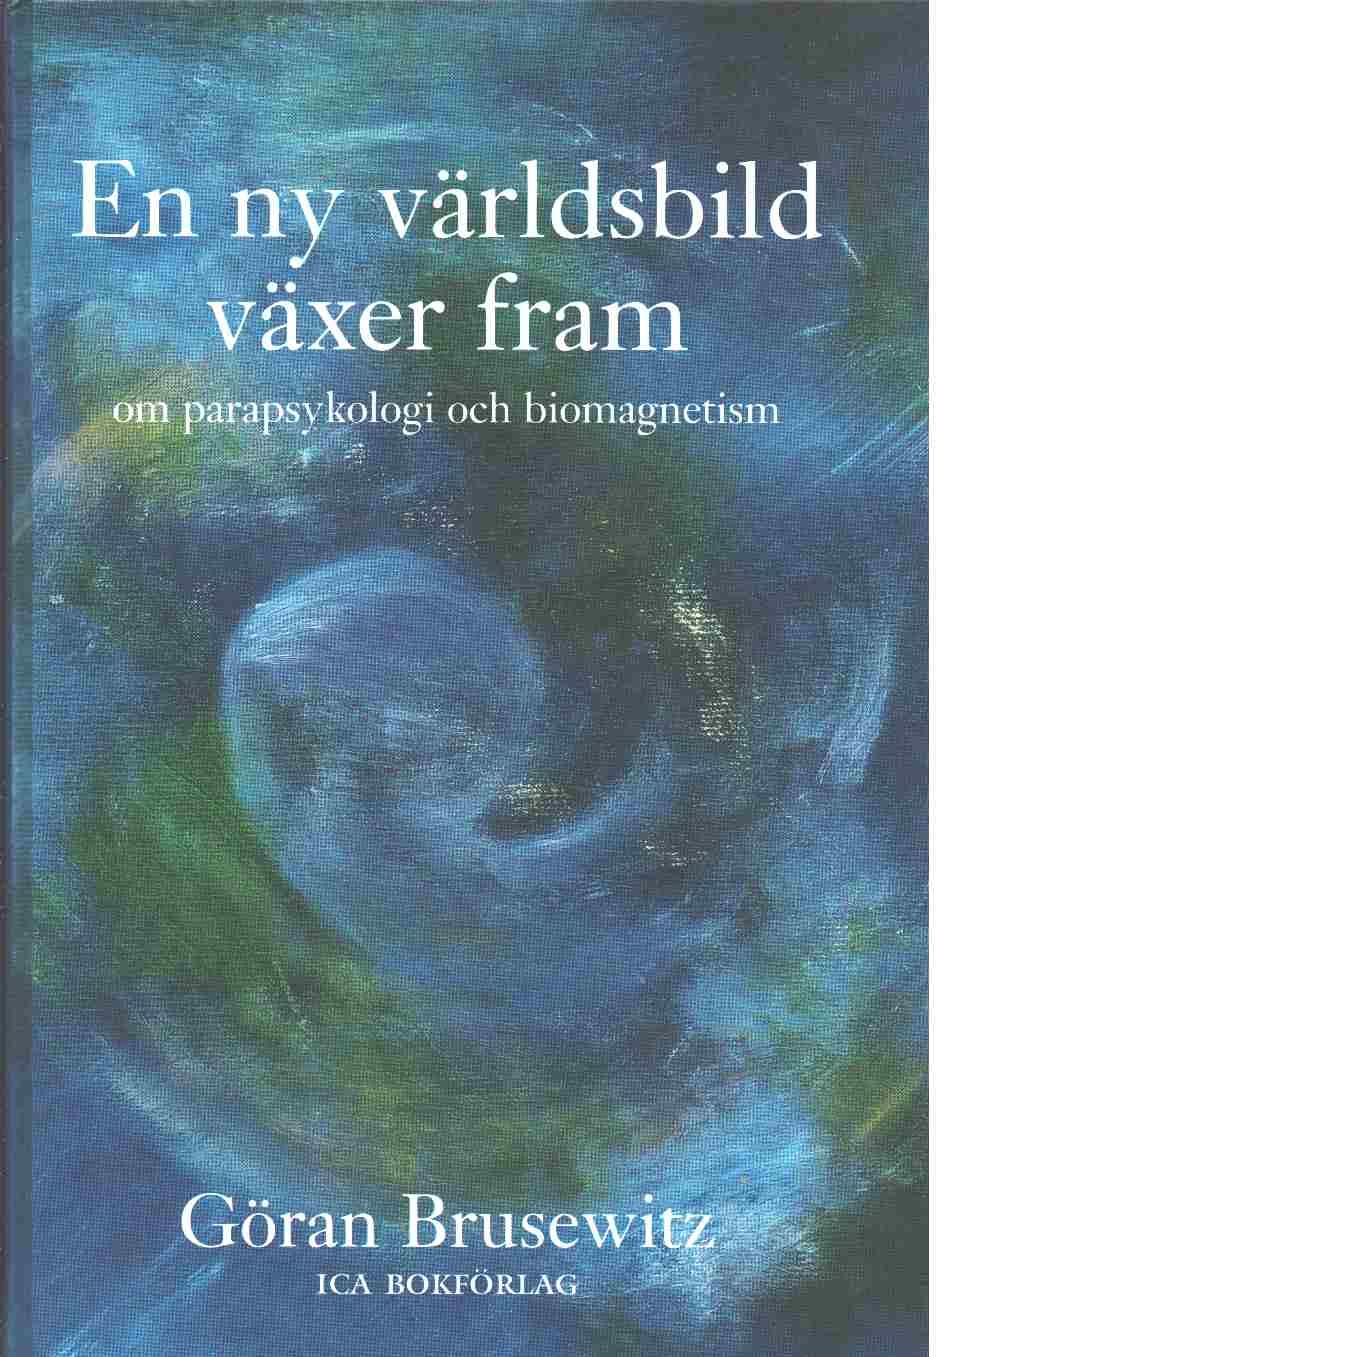 En ny världsbild växer fram - Brusewitz, Göran